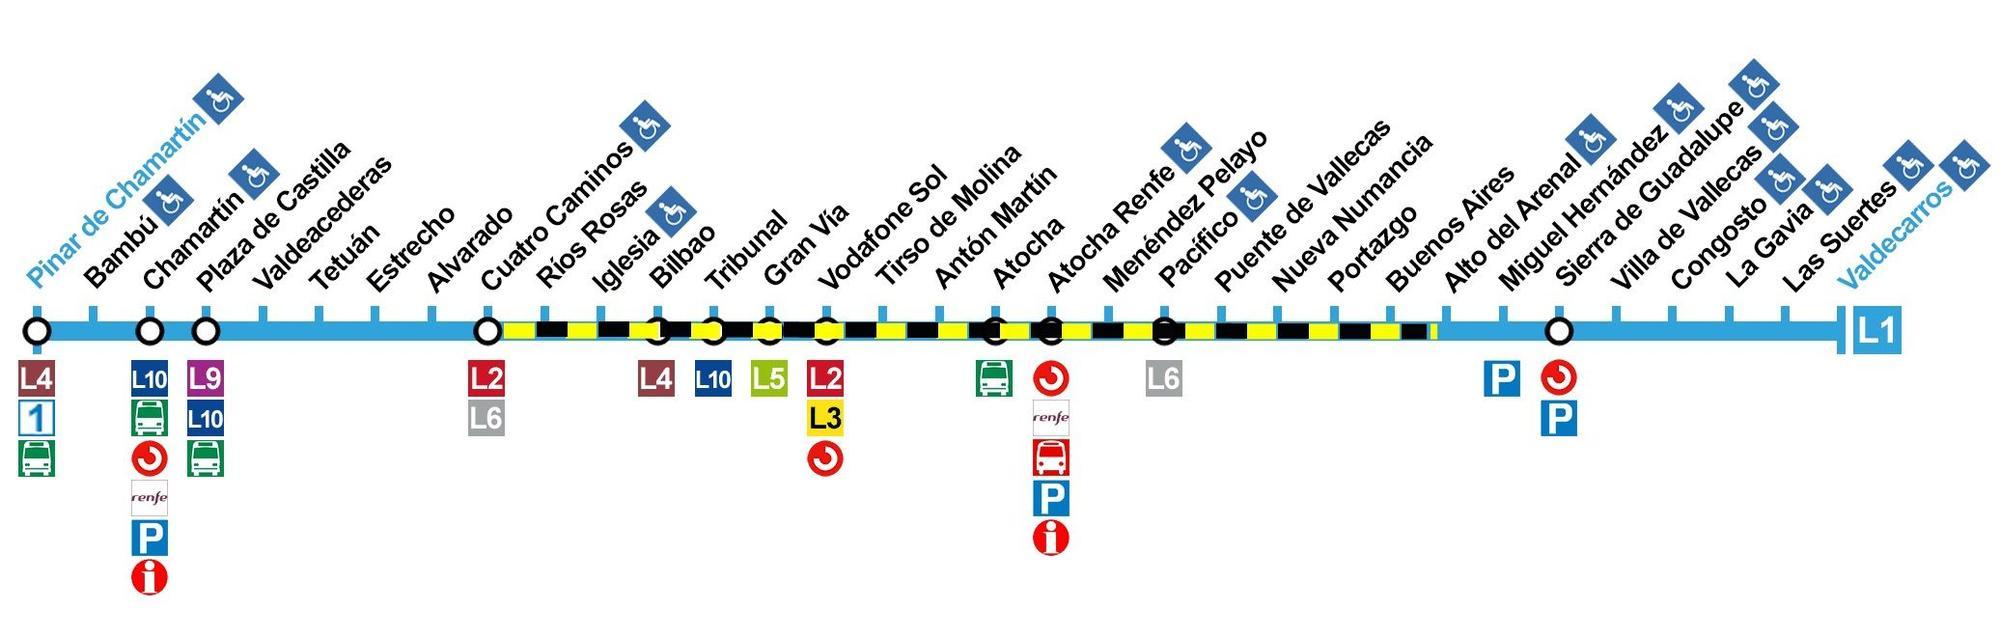 Mapa del corte de la línea 1 a partir del miércoles 14 de septiembre